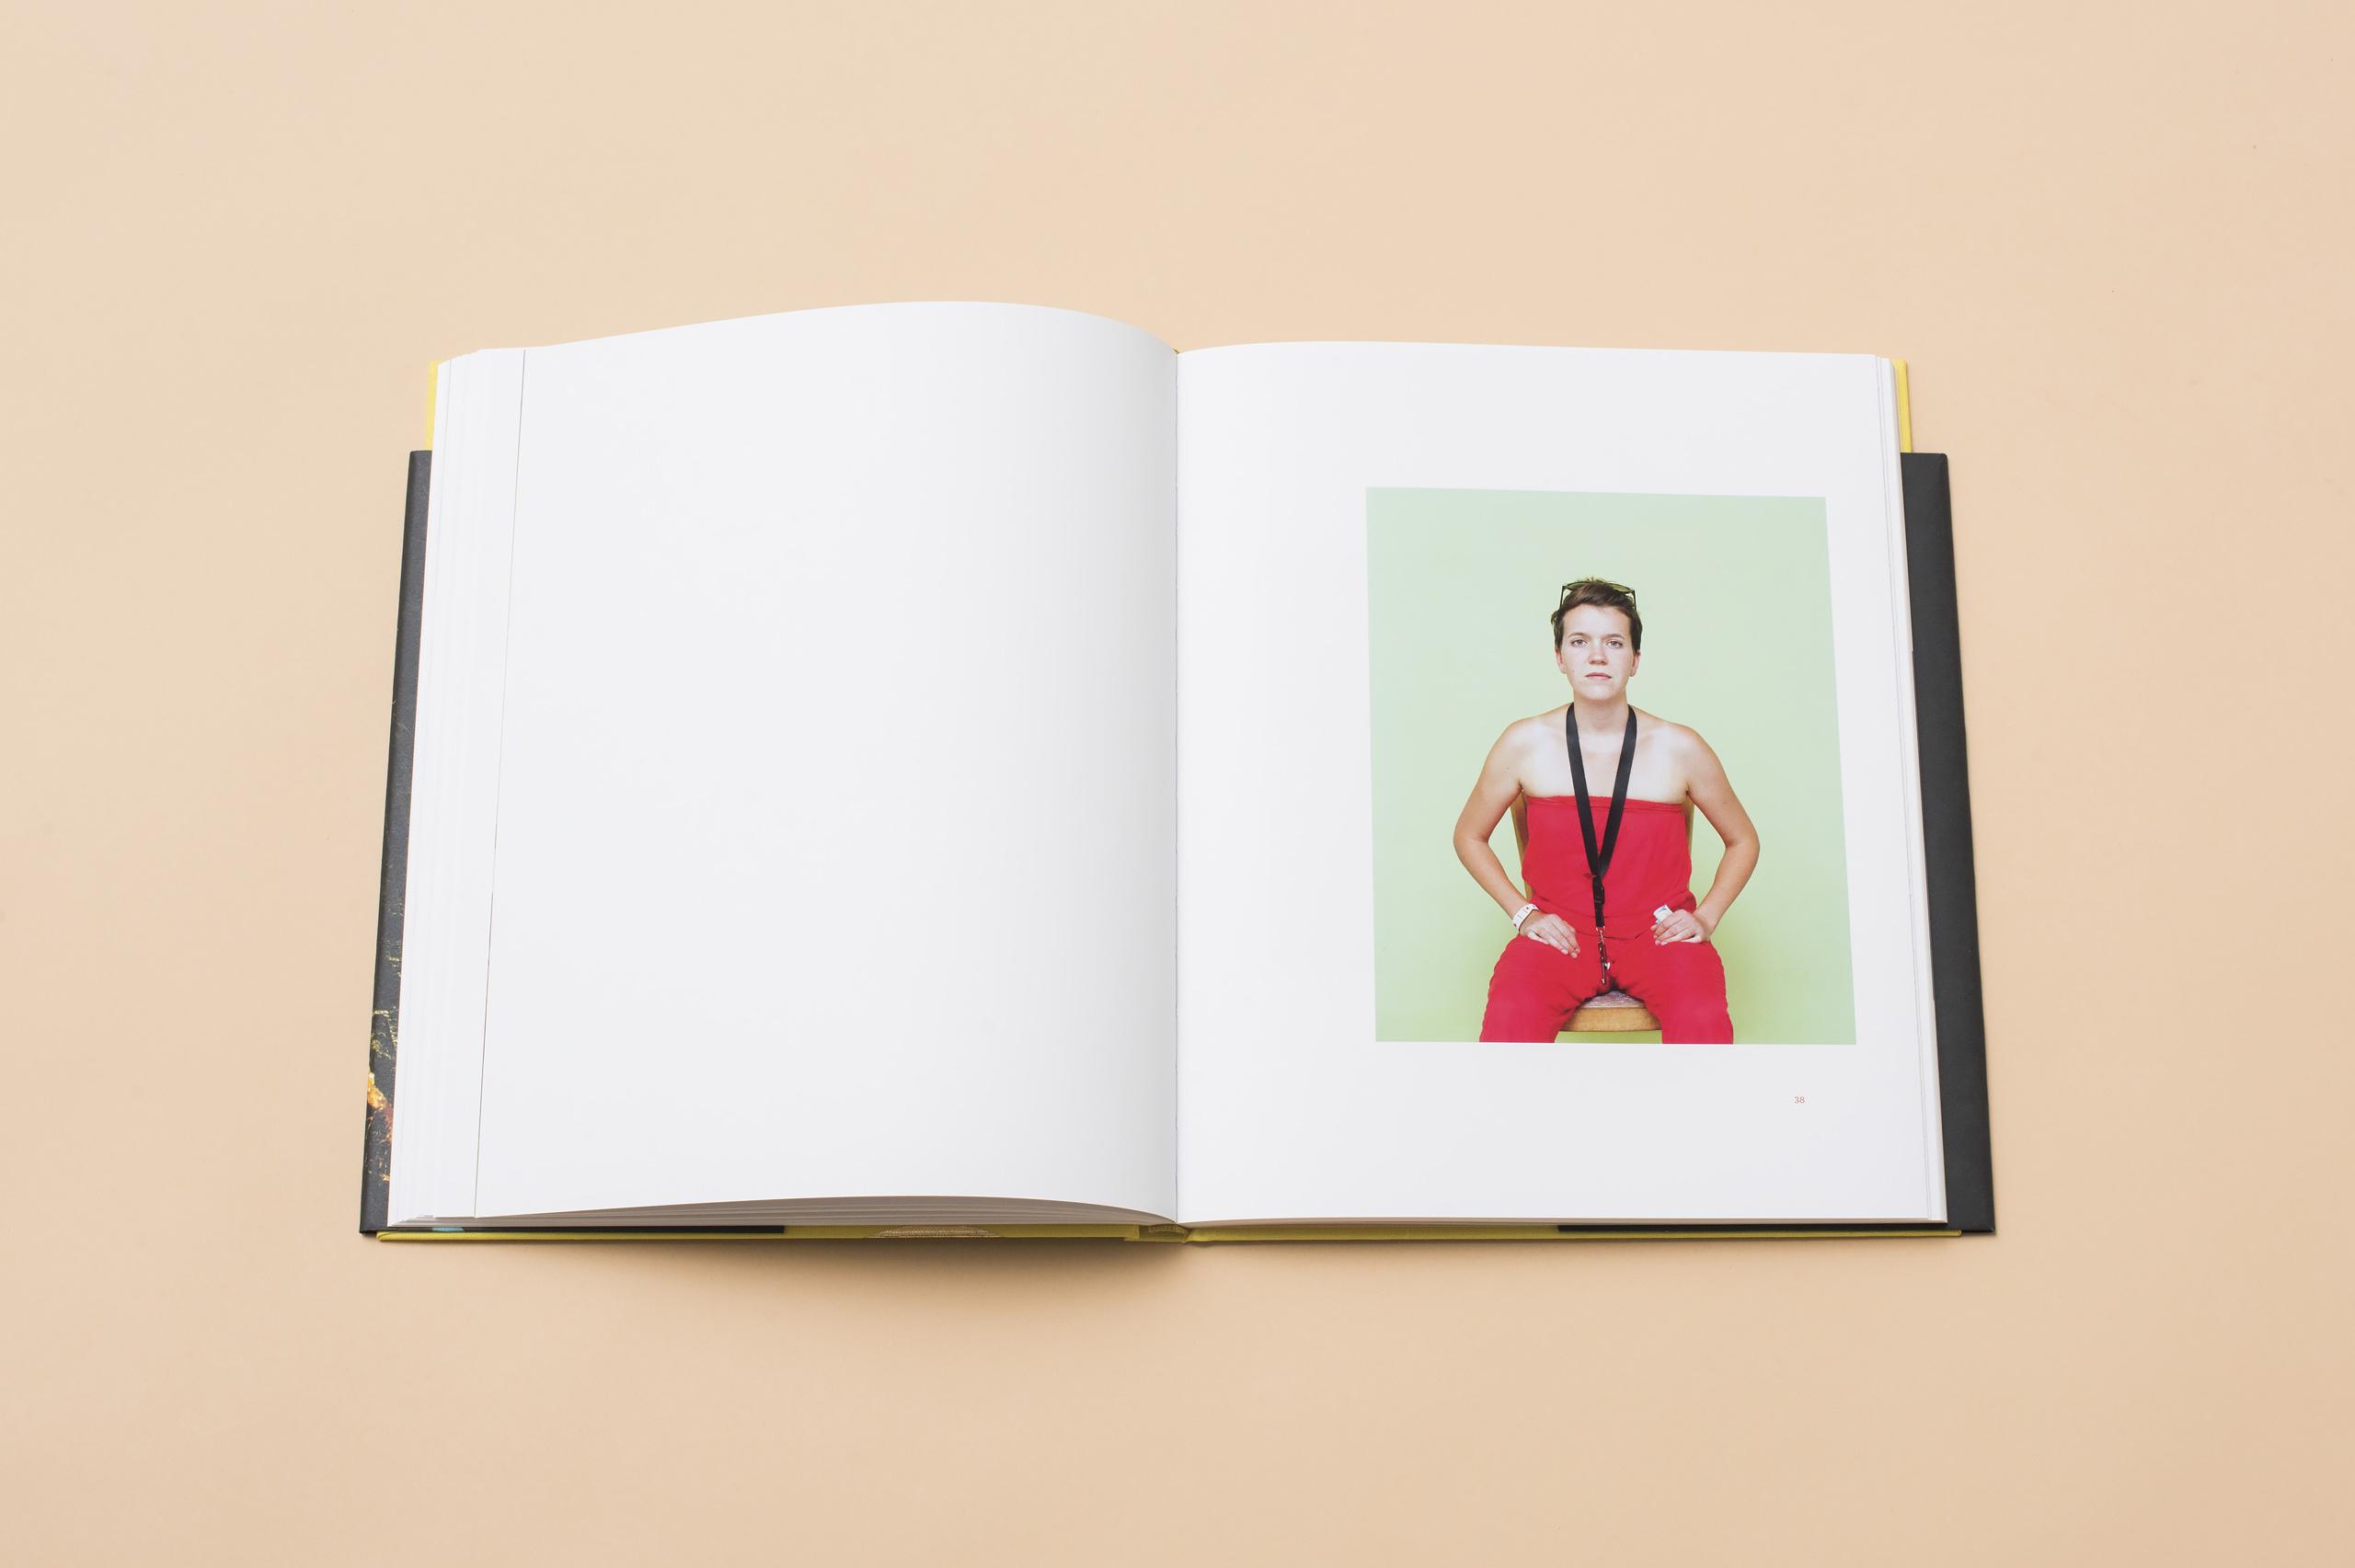 Melanie Brandel, Grafikdesign, Bern, Solothurn, Buchdesign, Editorialdesign, Fotografie, Die Heitere Fahne, Vernissage, Ruben Wyttenbach